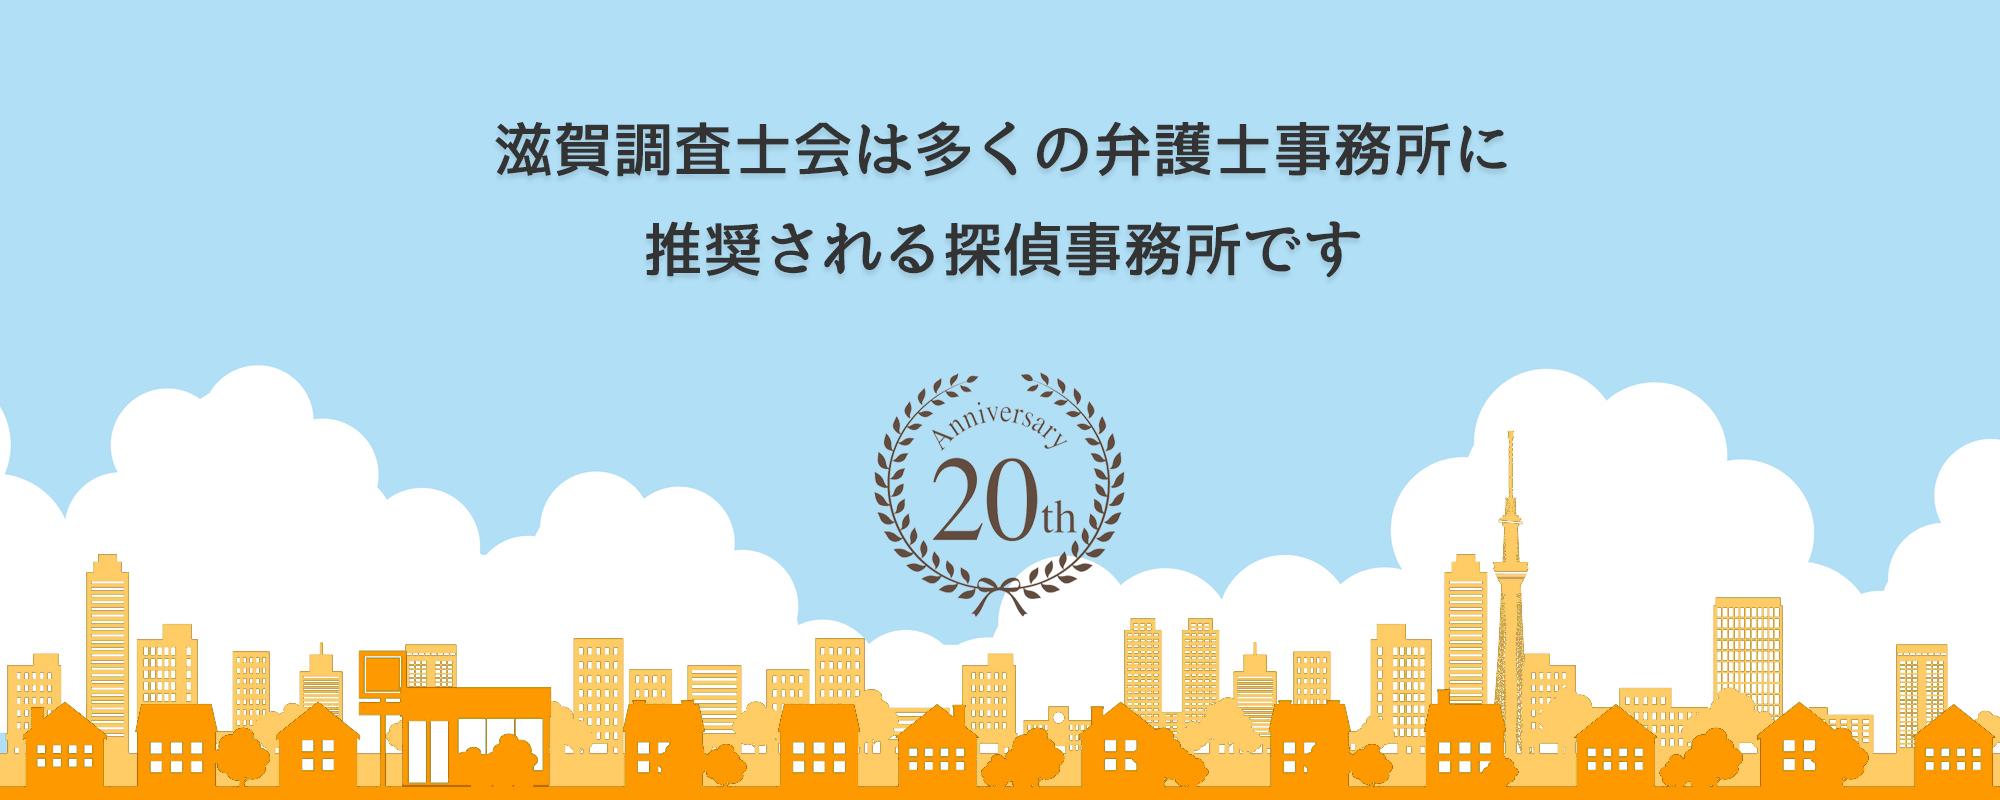 滋賀相談室は多くの弁護士事務所に推奨されています。